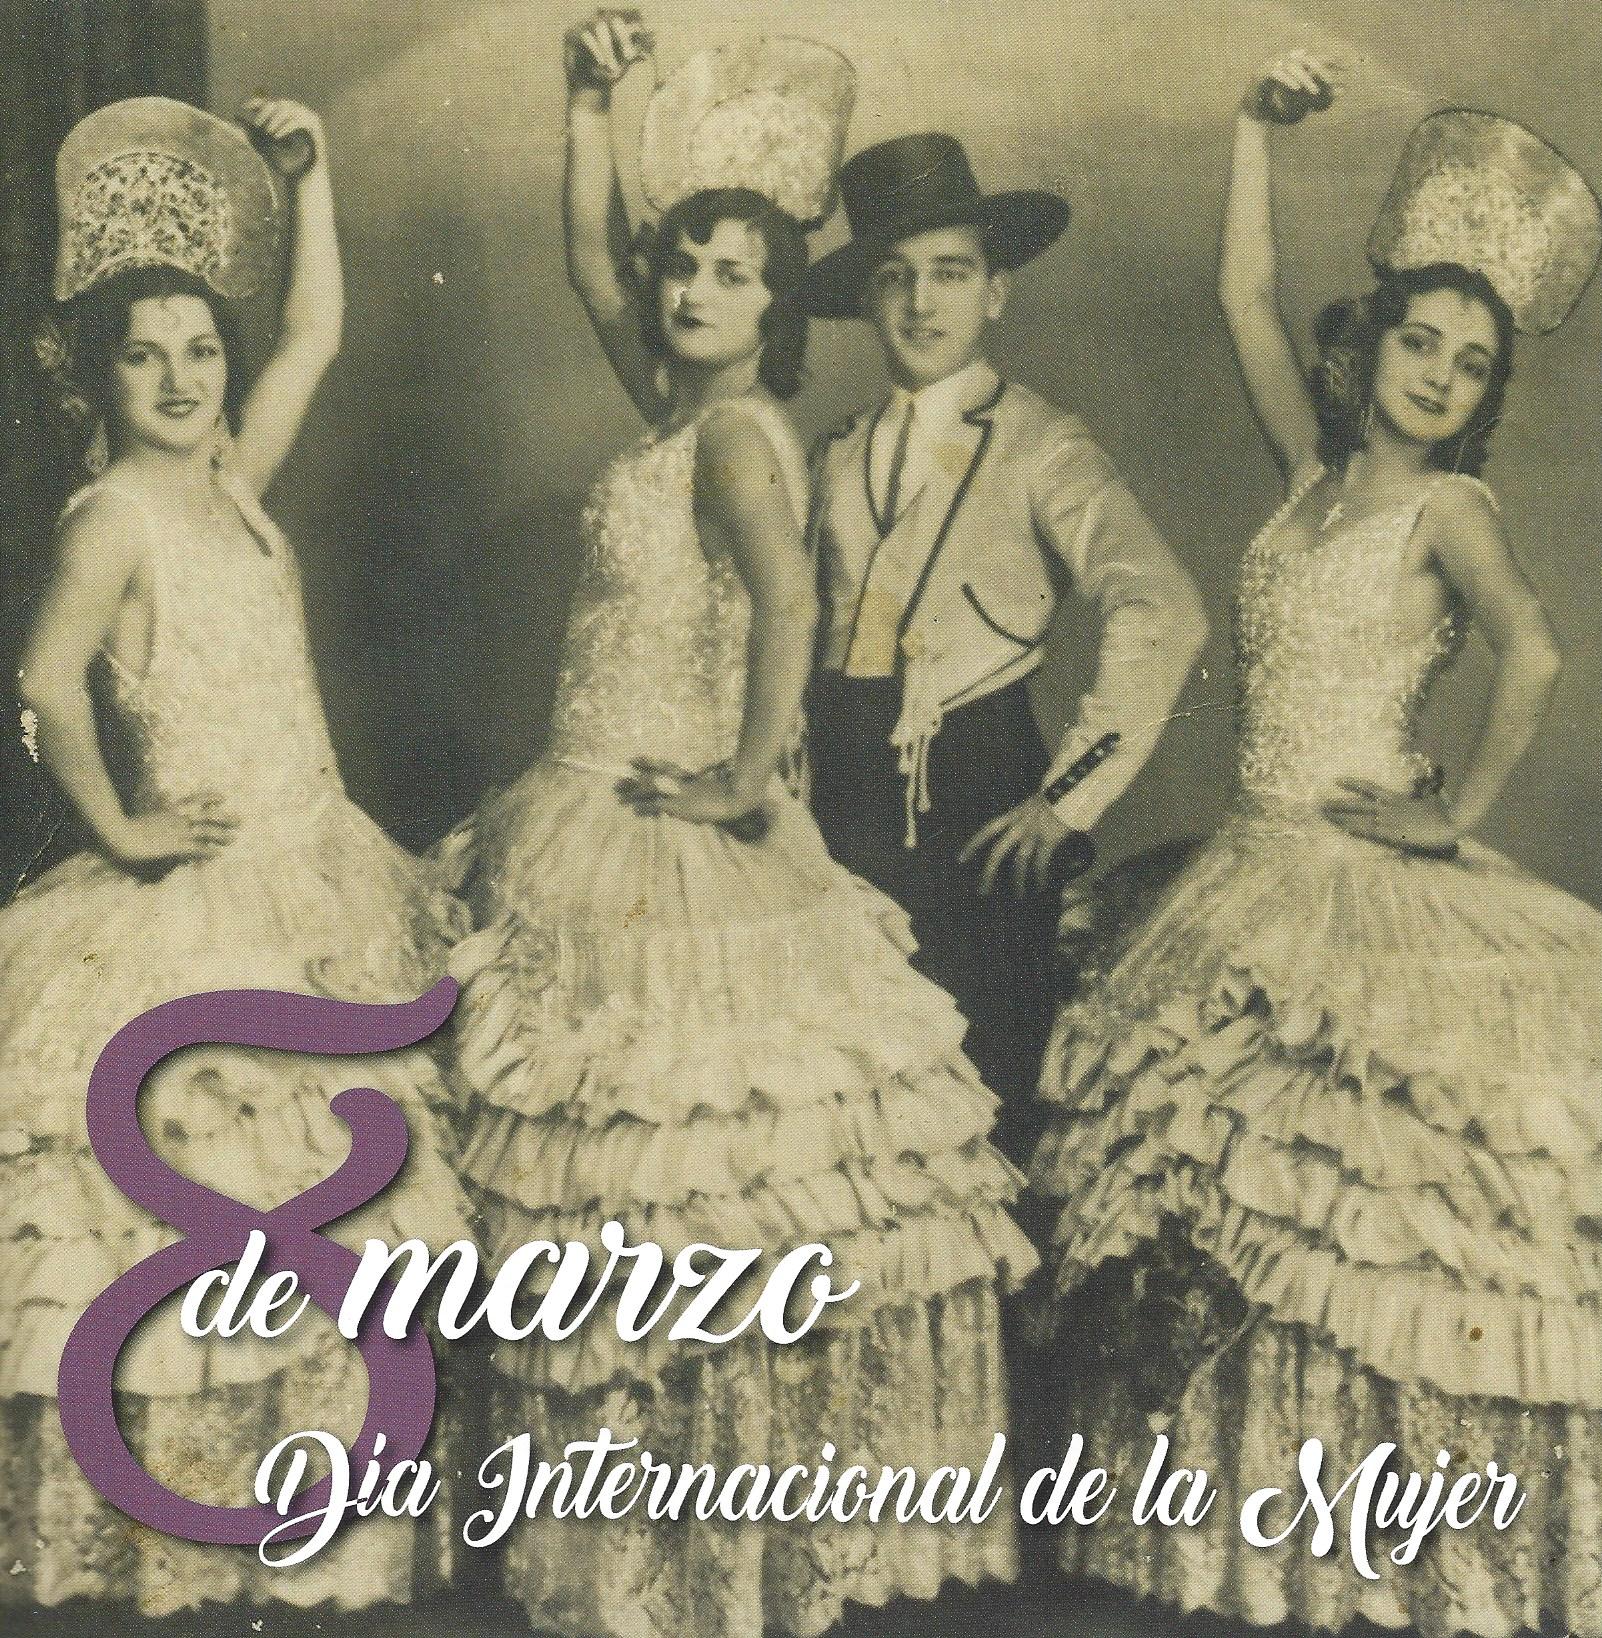 Las Concejalías de Igualdad, Deportes, Cultura, Bienestar Social y Educación del Ayuntamiento de Buñol unen fuerzas en torno al Día Internacional de la Mujer.